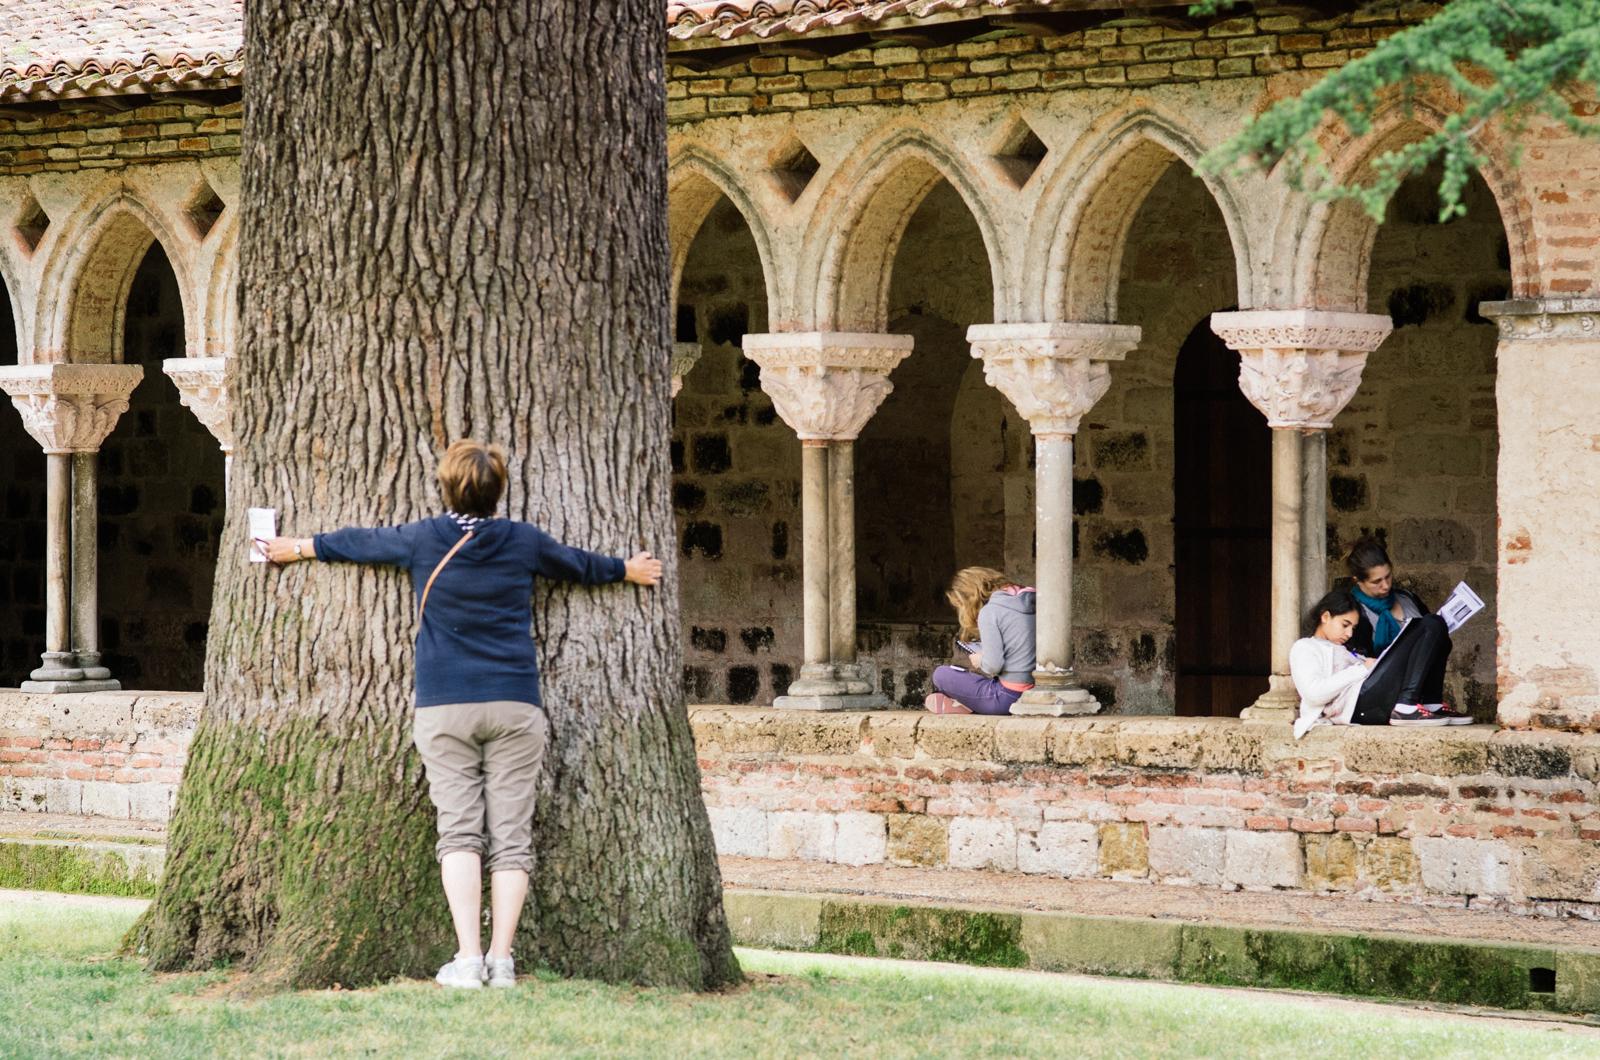 Différents types de méditation au cloître de Moissac - carnet de voyage en Tarn-et-Garonne